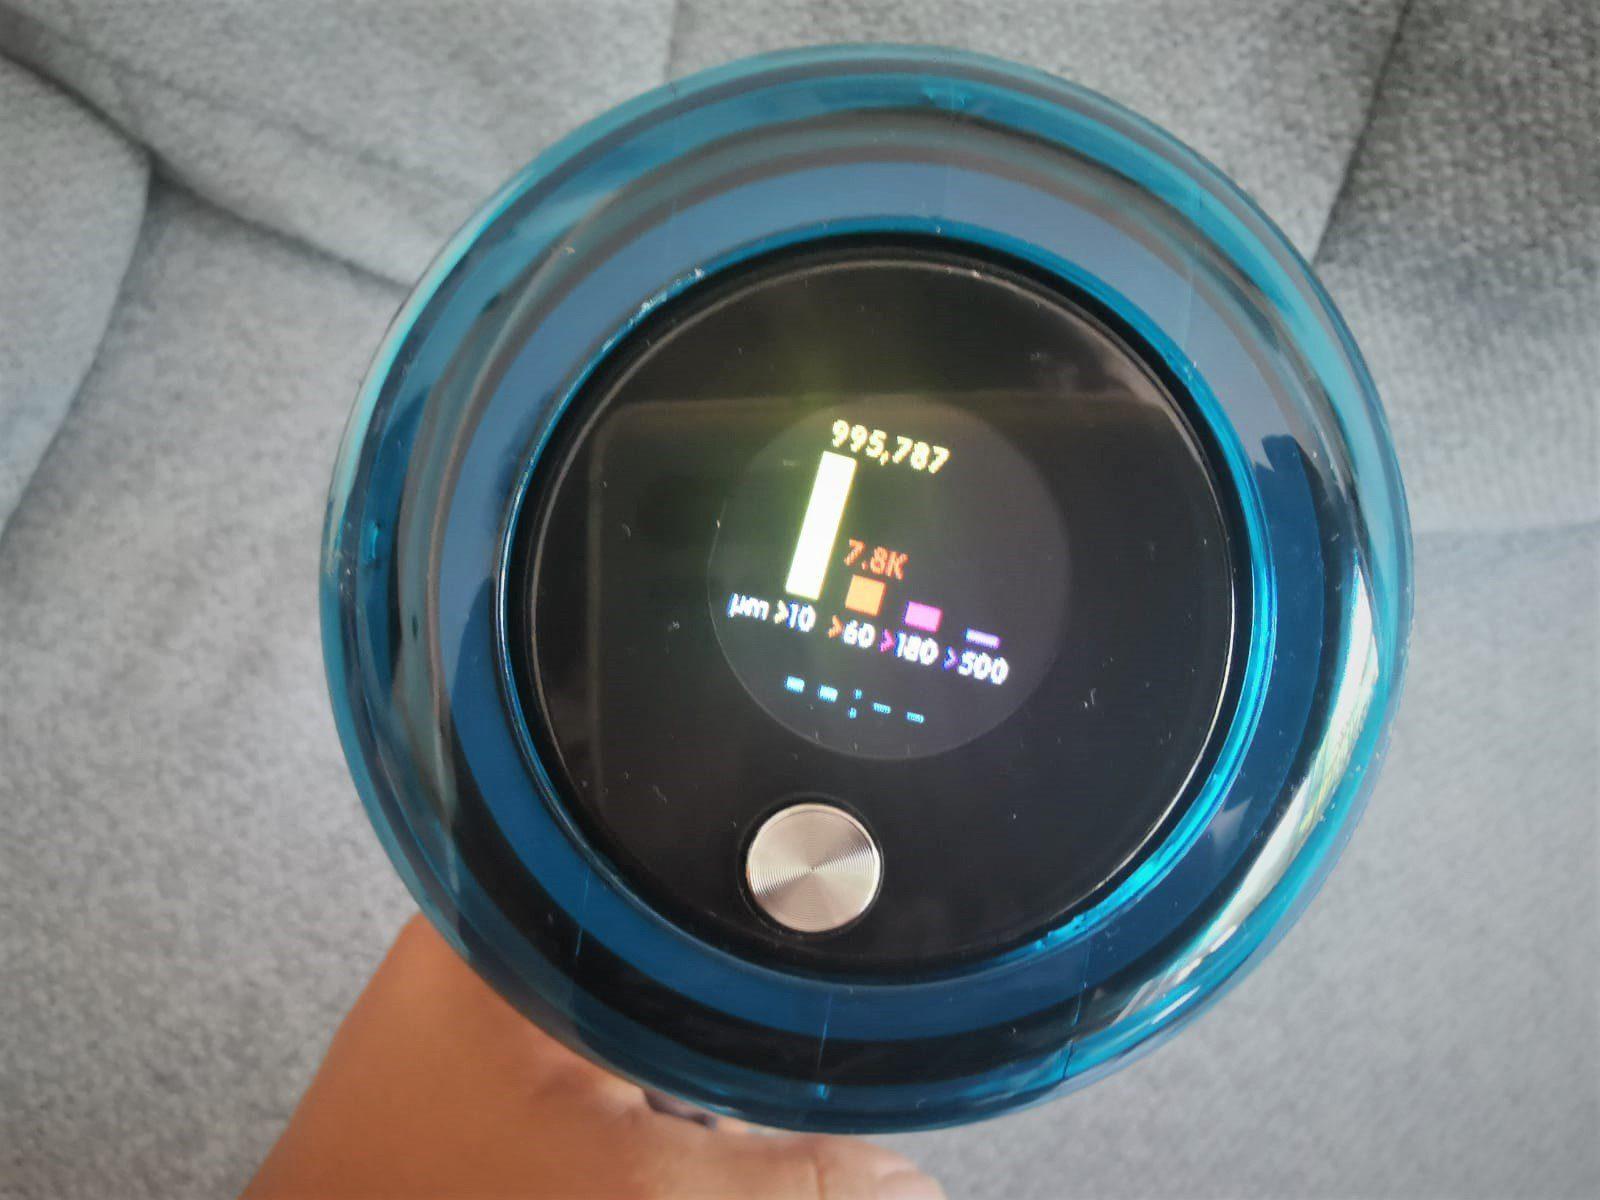 דייסון V15 אבסולוט - מד אבק בצג צבעוני